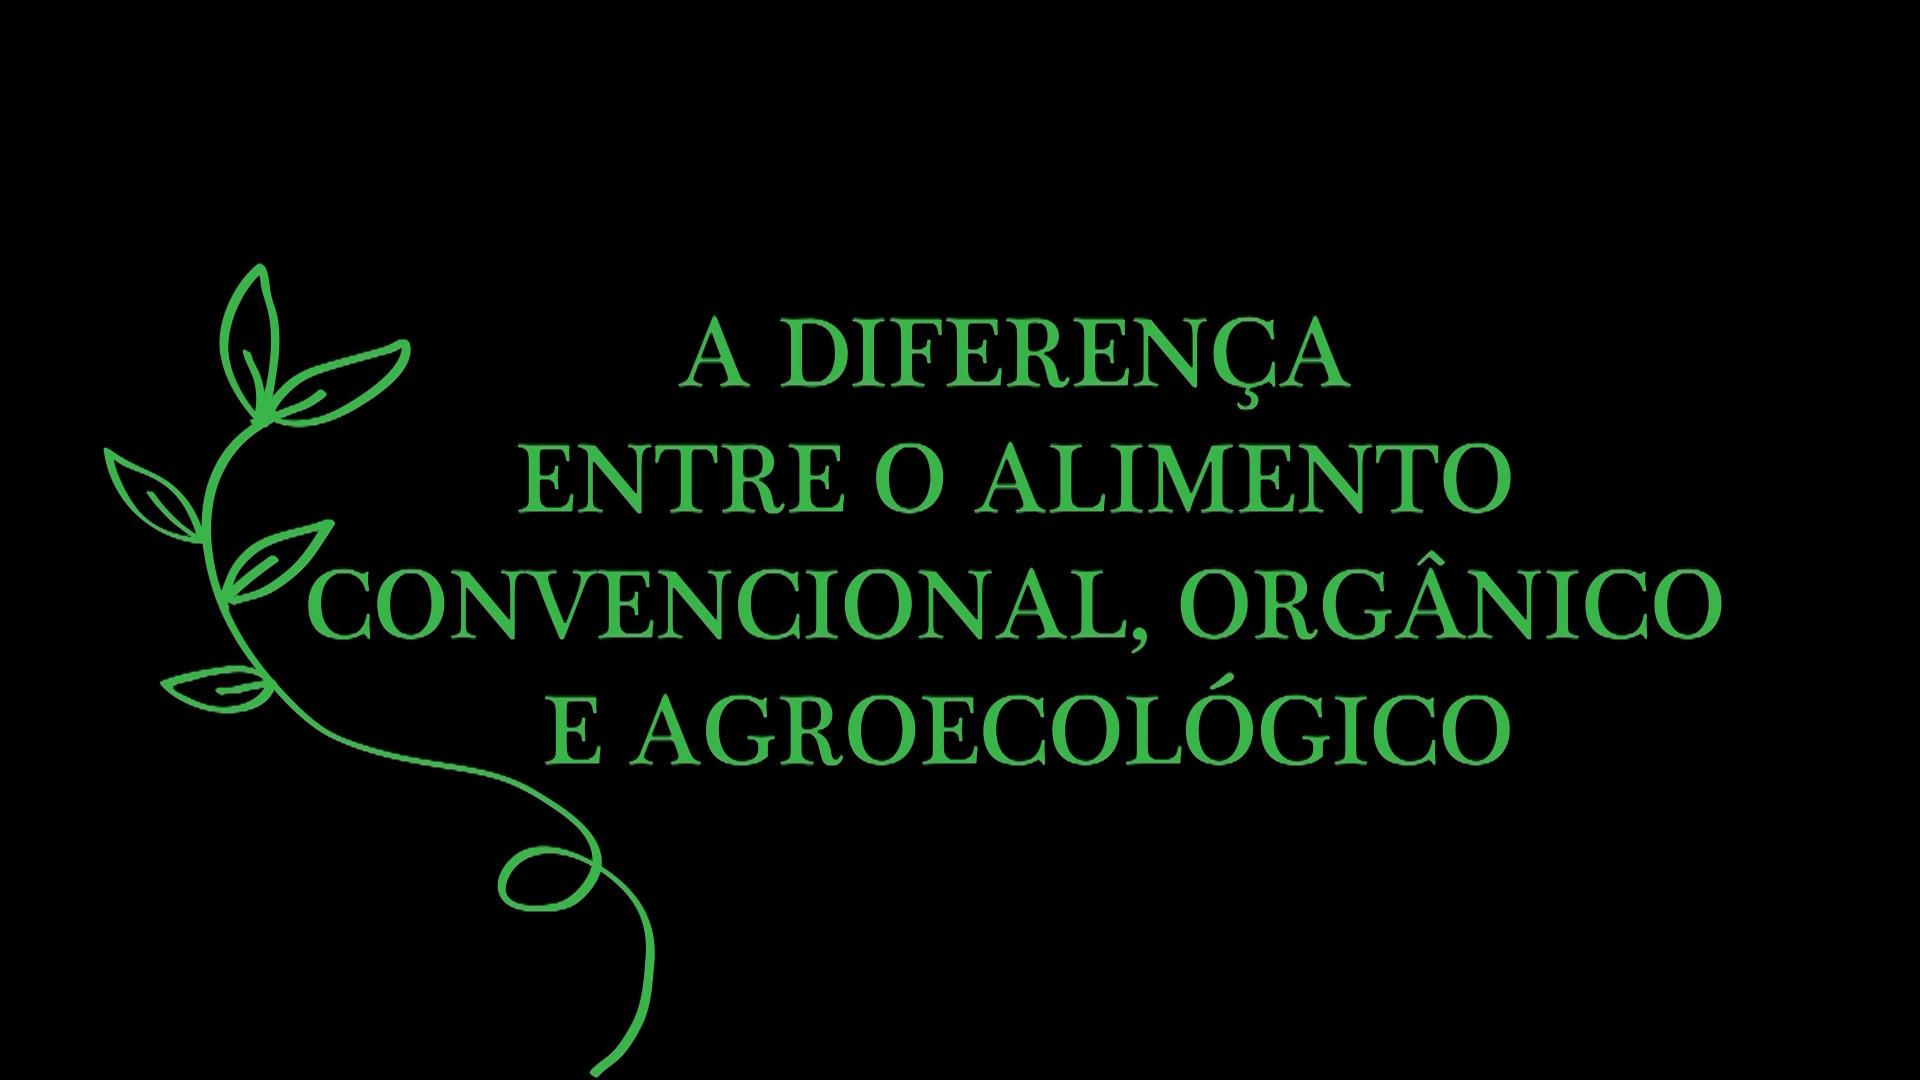 Convencional x Orgânico x Agroecológico, você sabe a diferença ?